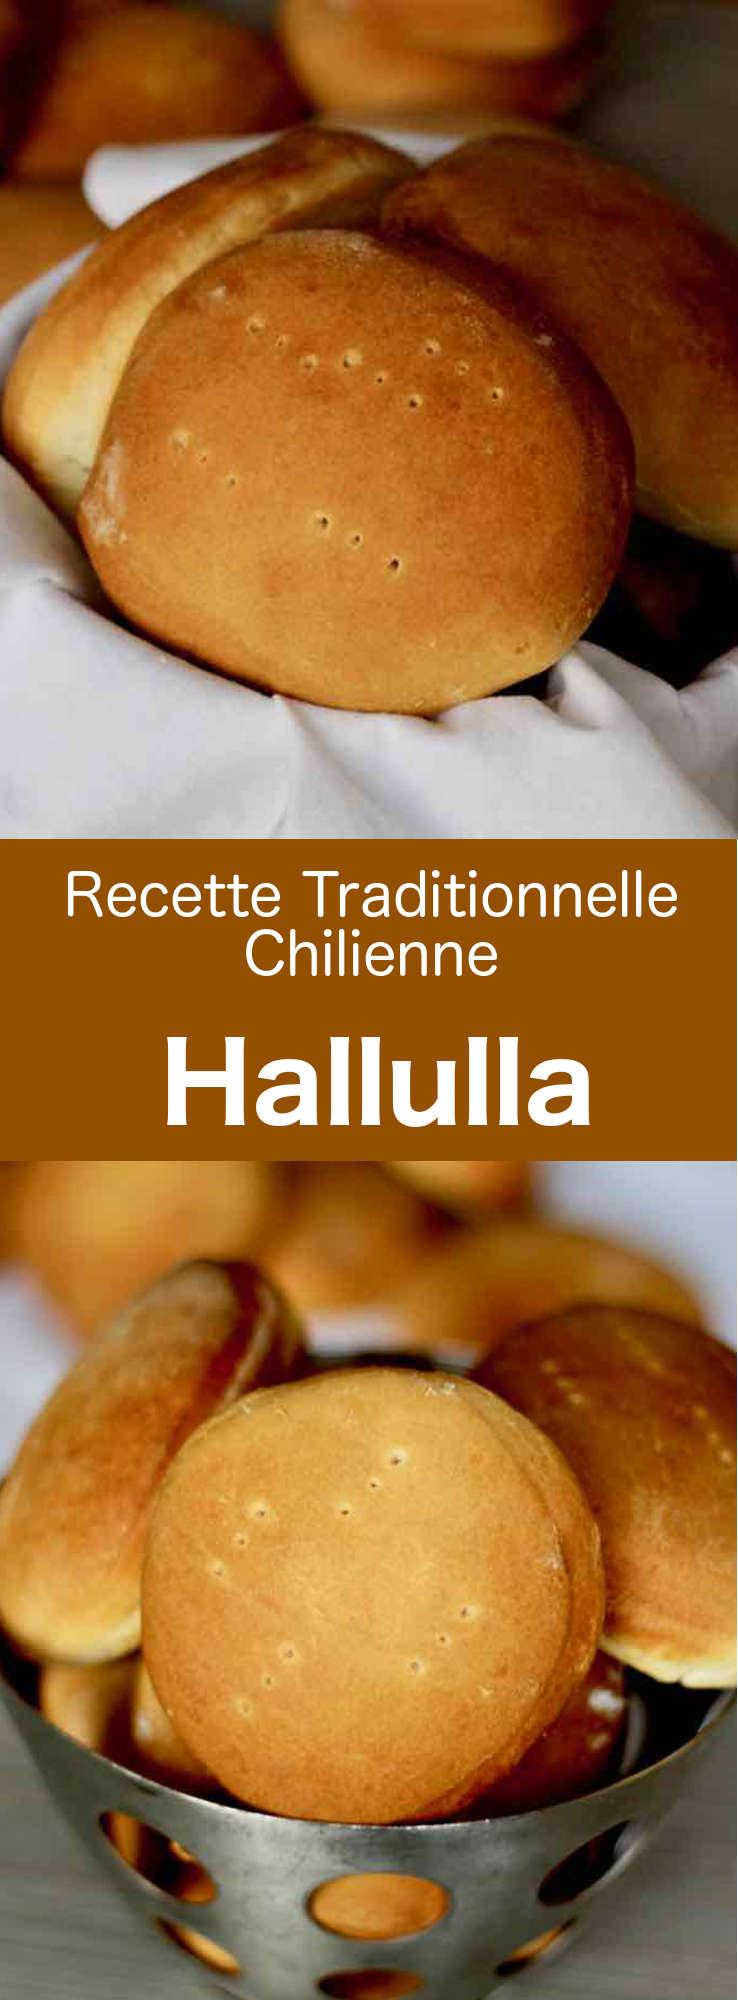 La hallulla est un des pains les plus populaires du Chili. Il s'agit d'un pain rond et plat qu'on retrouve aussi dans les rues de Bolivie et de l'Équateur. #Chili #RecetteChilienne #CuisineChilienne #CuisineDuMonde #196flavors